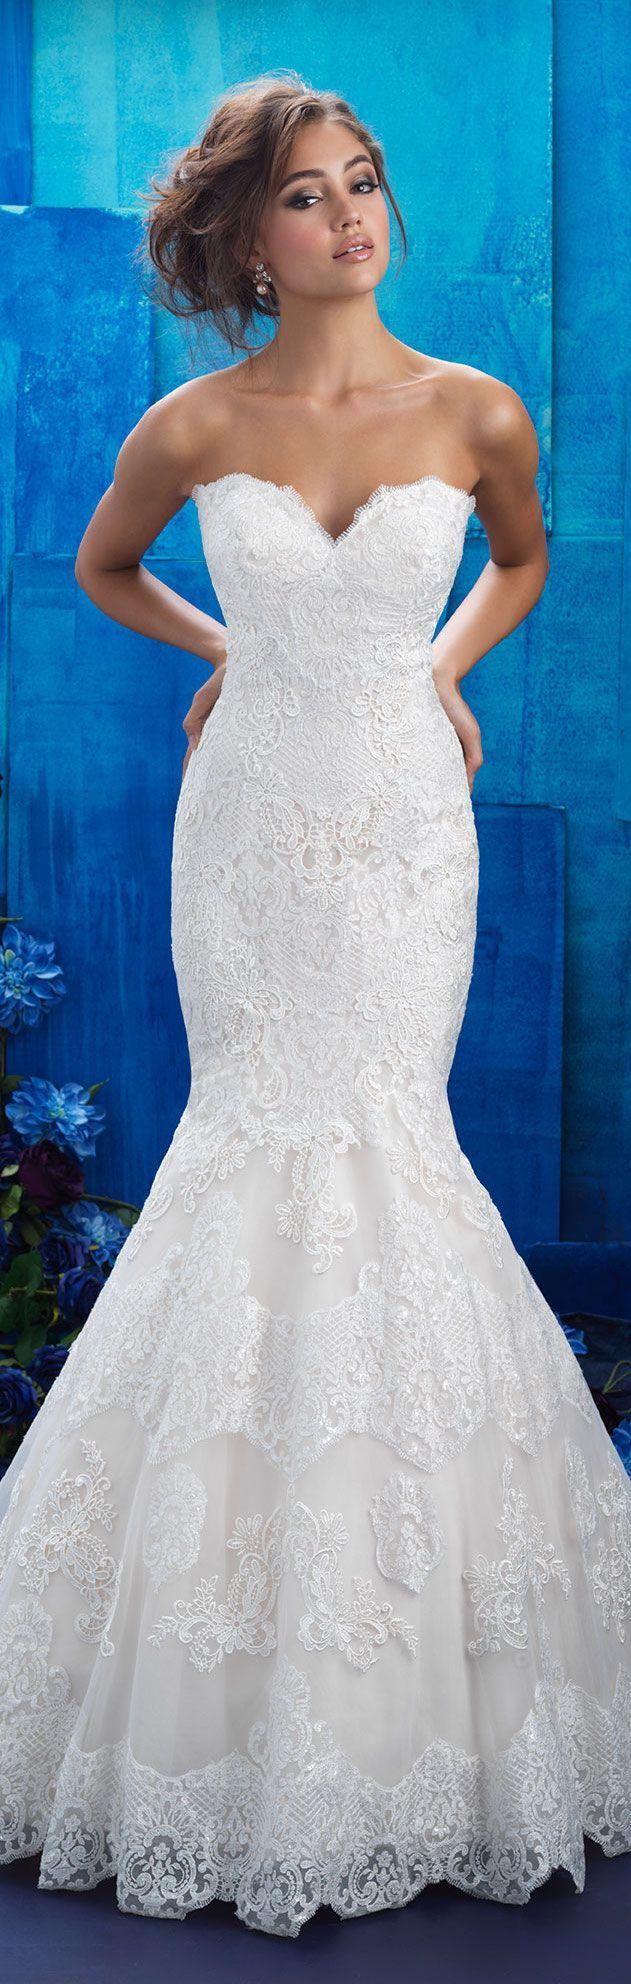 Allure wedding dress  Strapless lace wedding gown by Allure Bridals   allurebridals